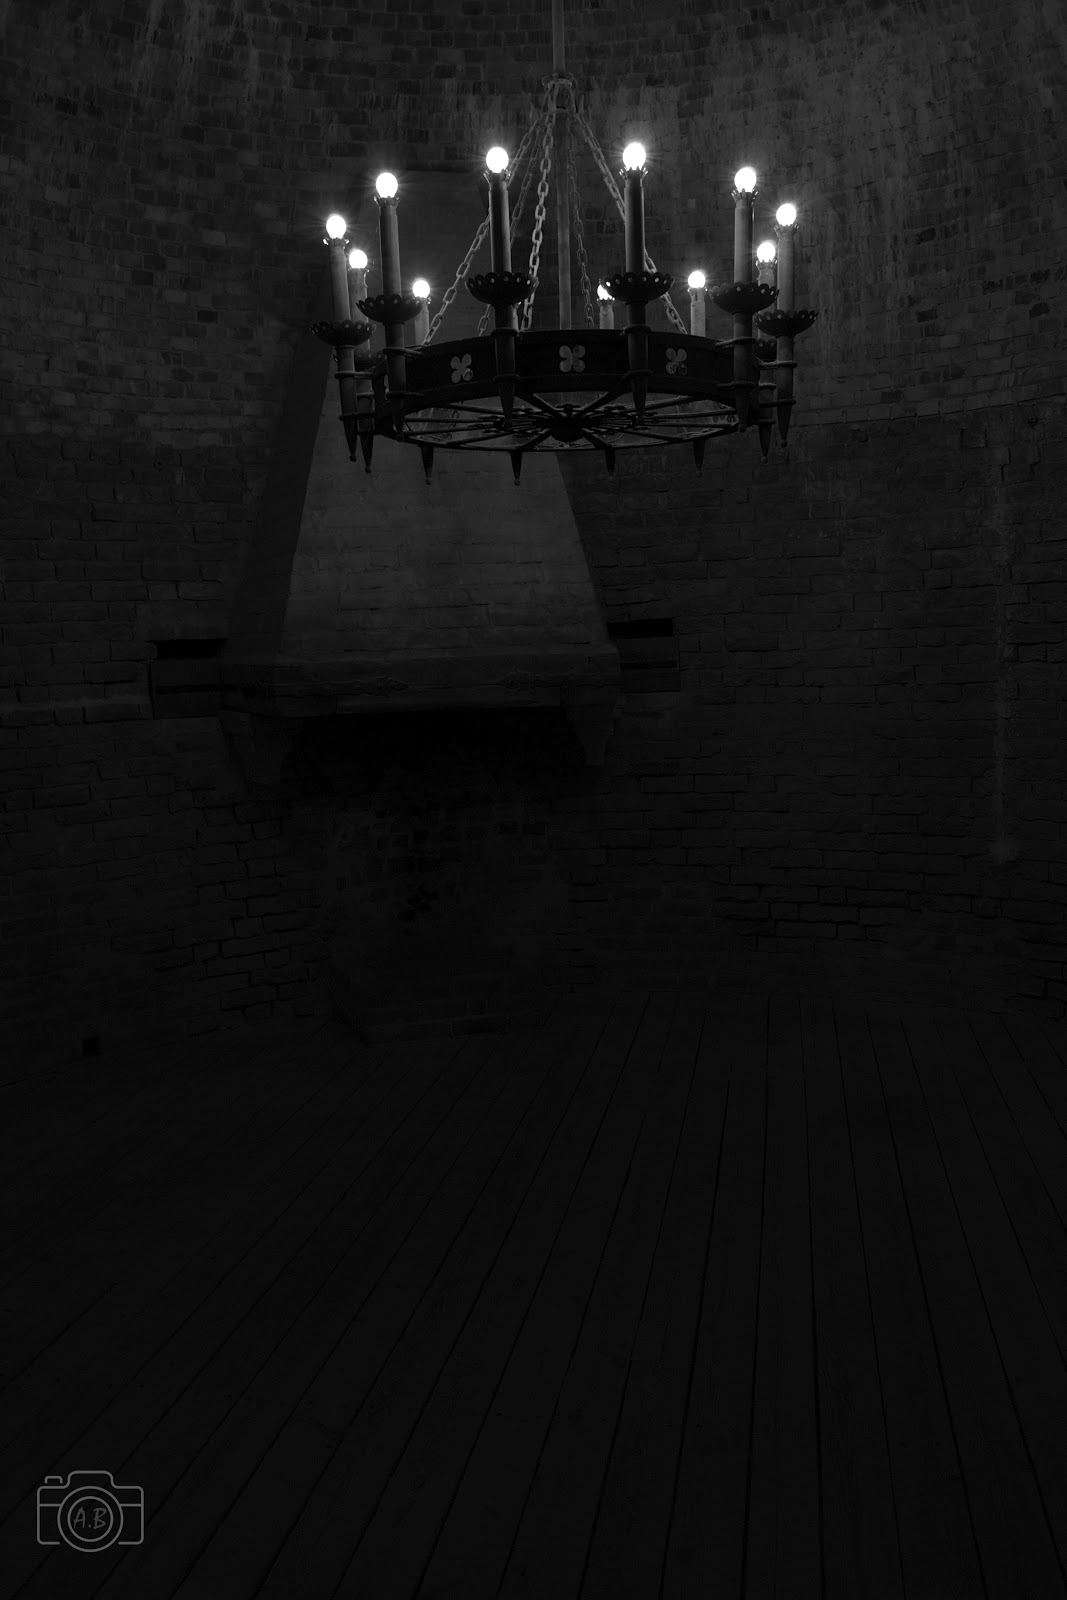 Château de Turaïda sigulda photographie carnet voyage Nikon D3100 lampadaire noir et blanc B&W black and white